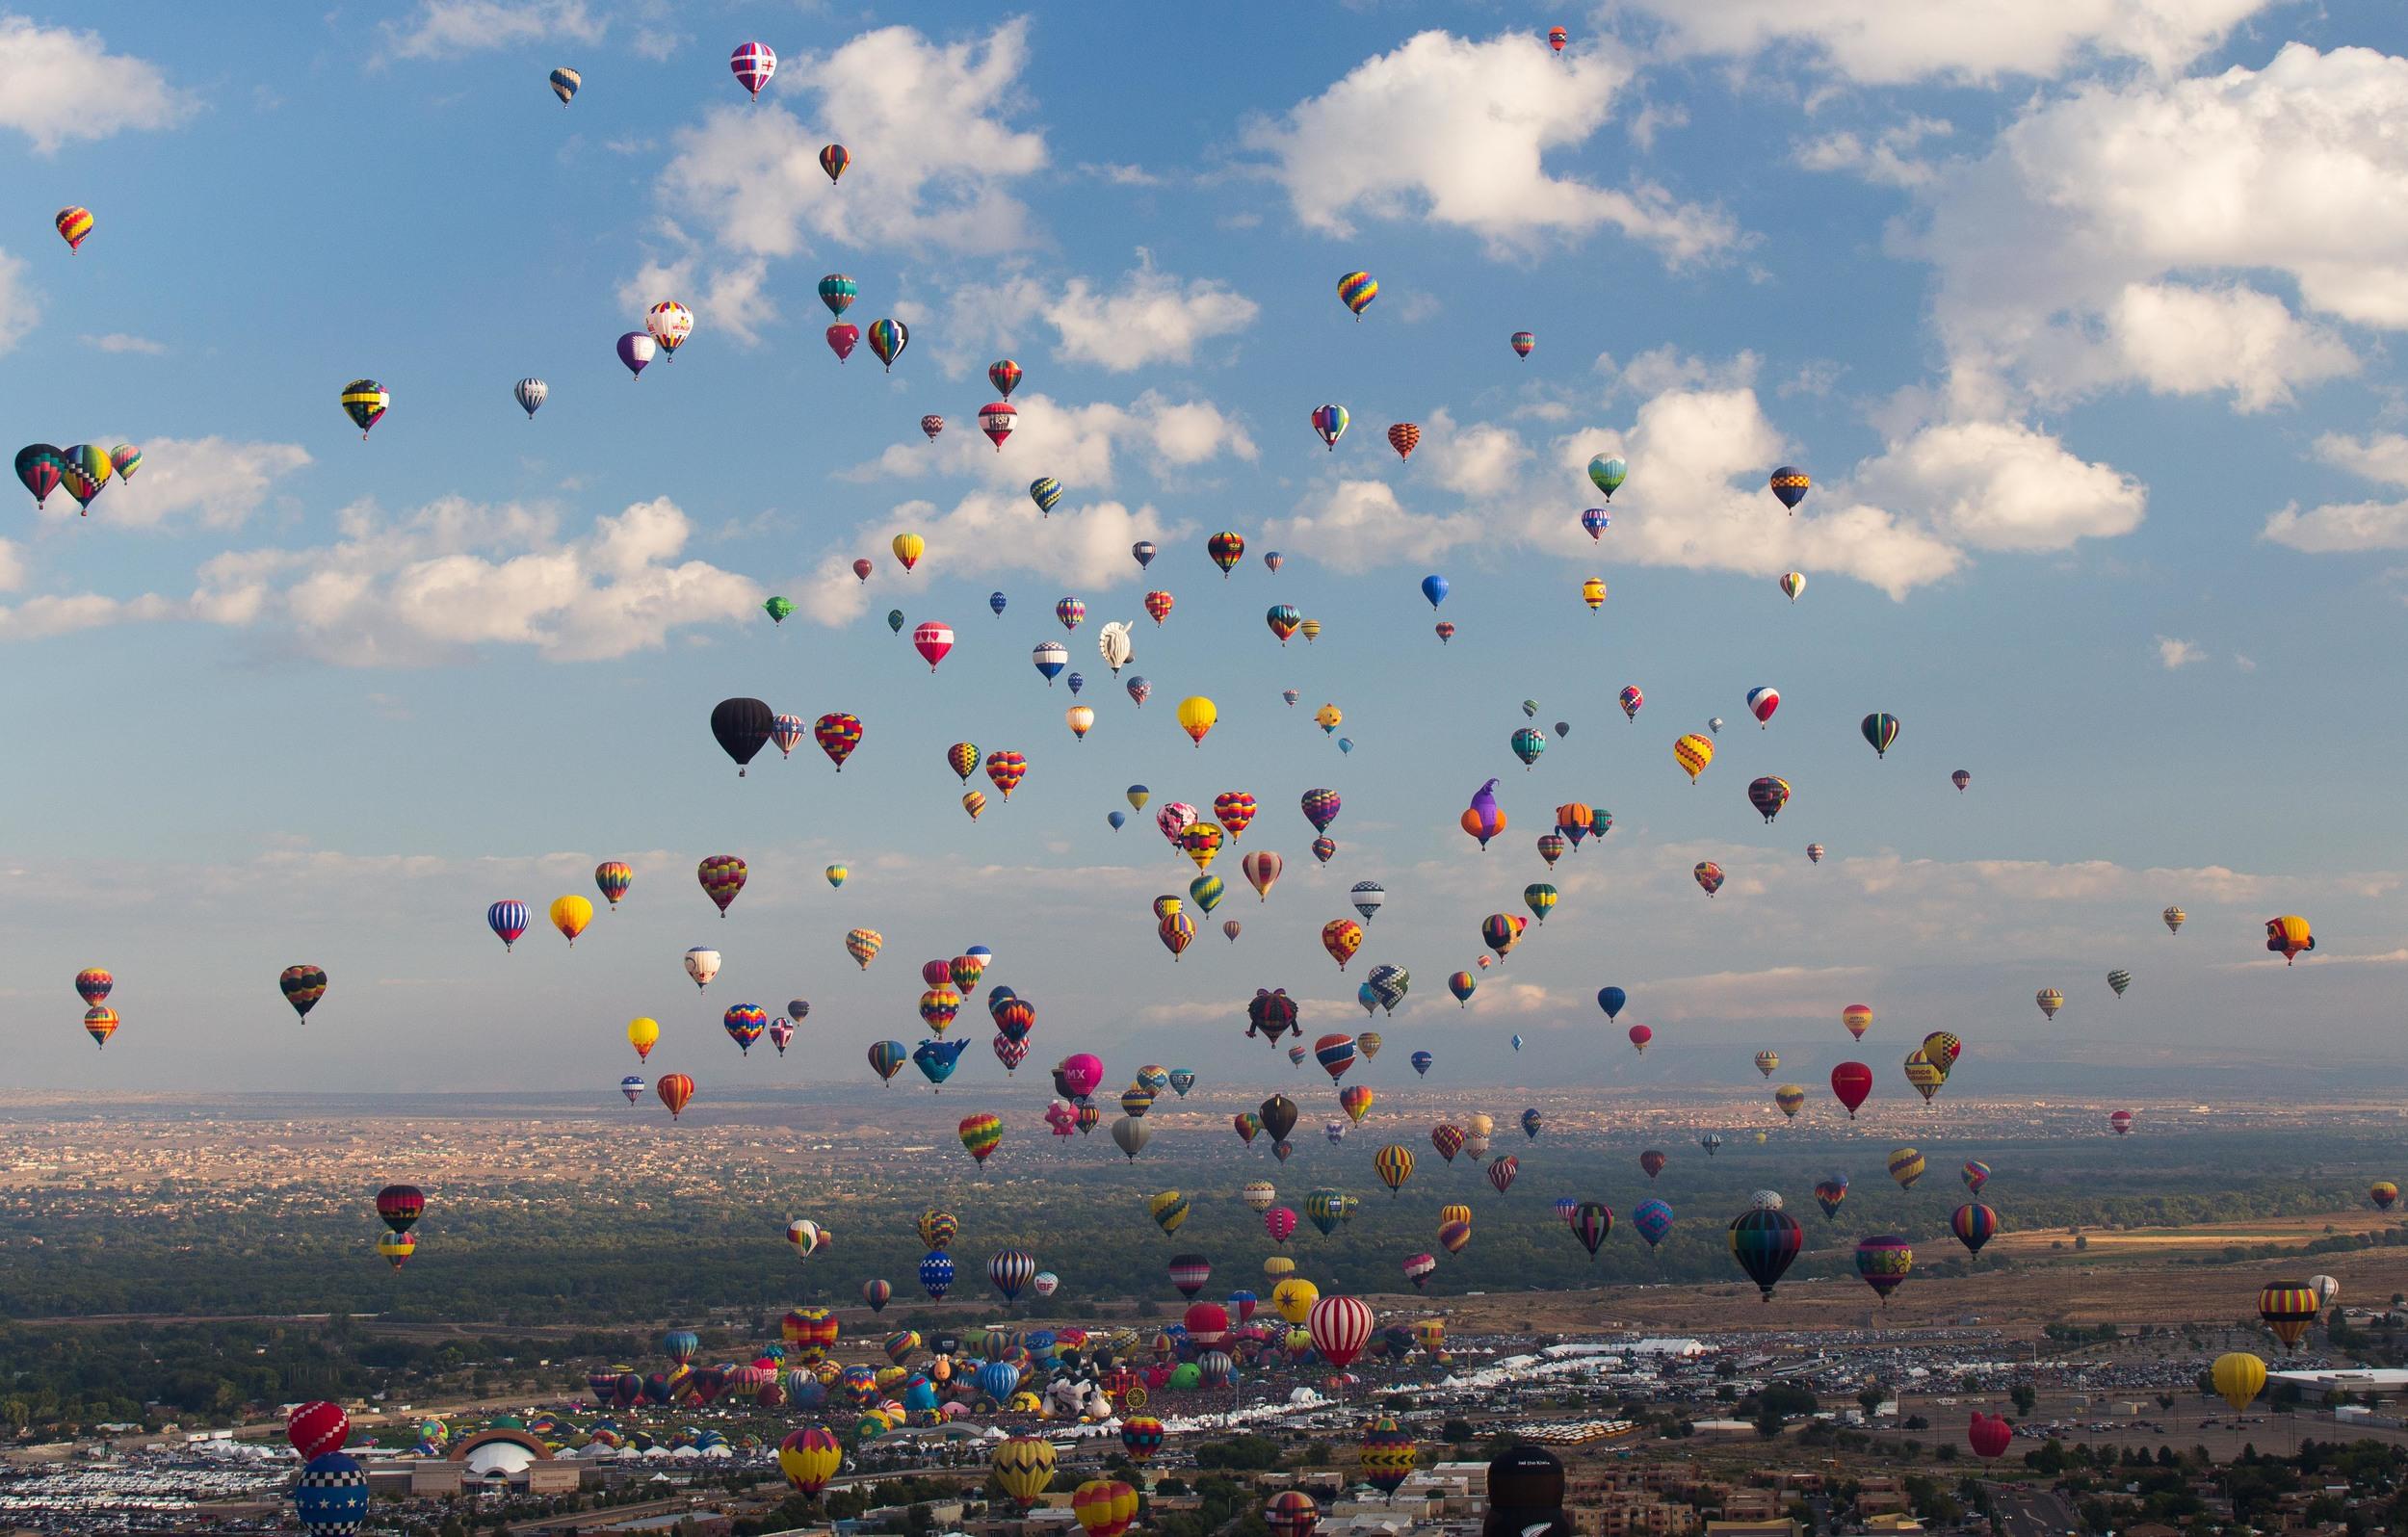 Aerial View, Albuquerque Ballon Festival, New Mexico